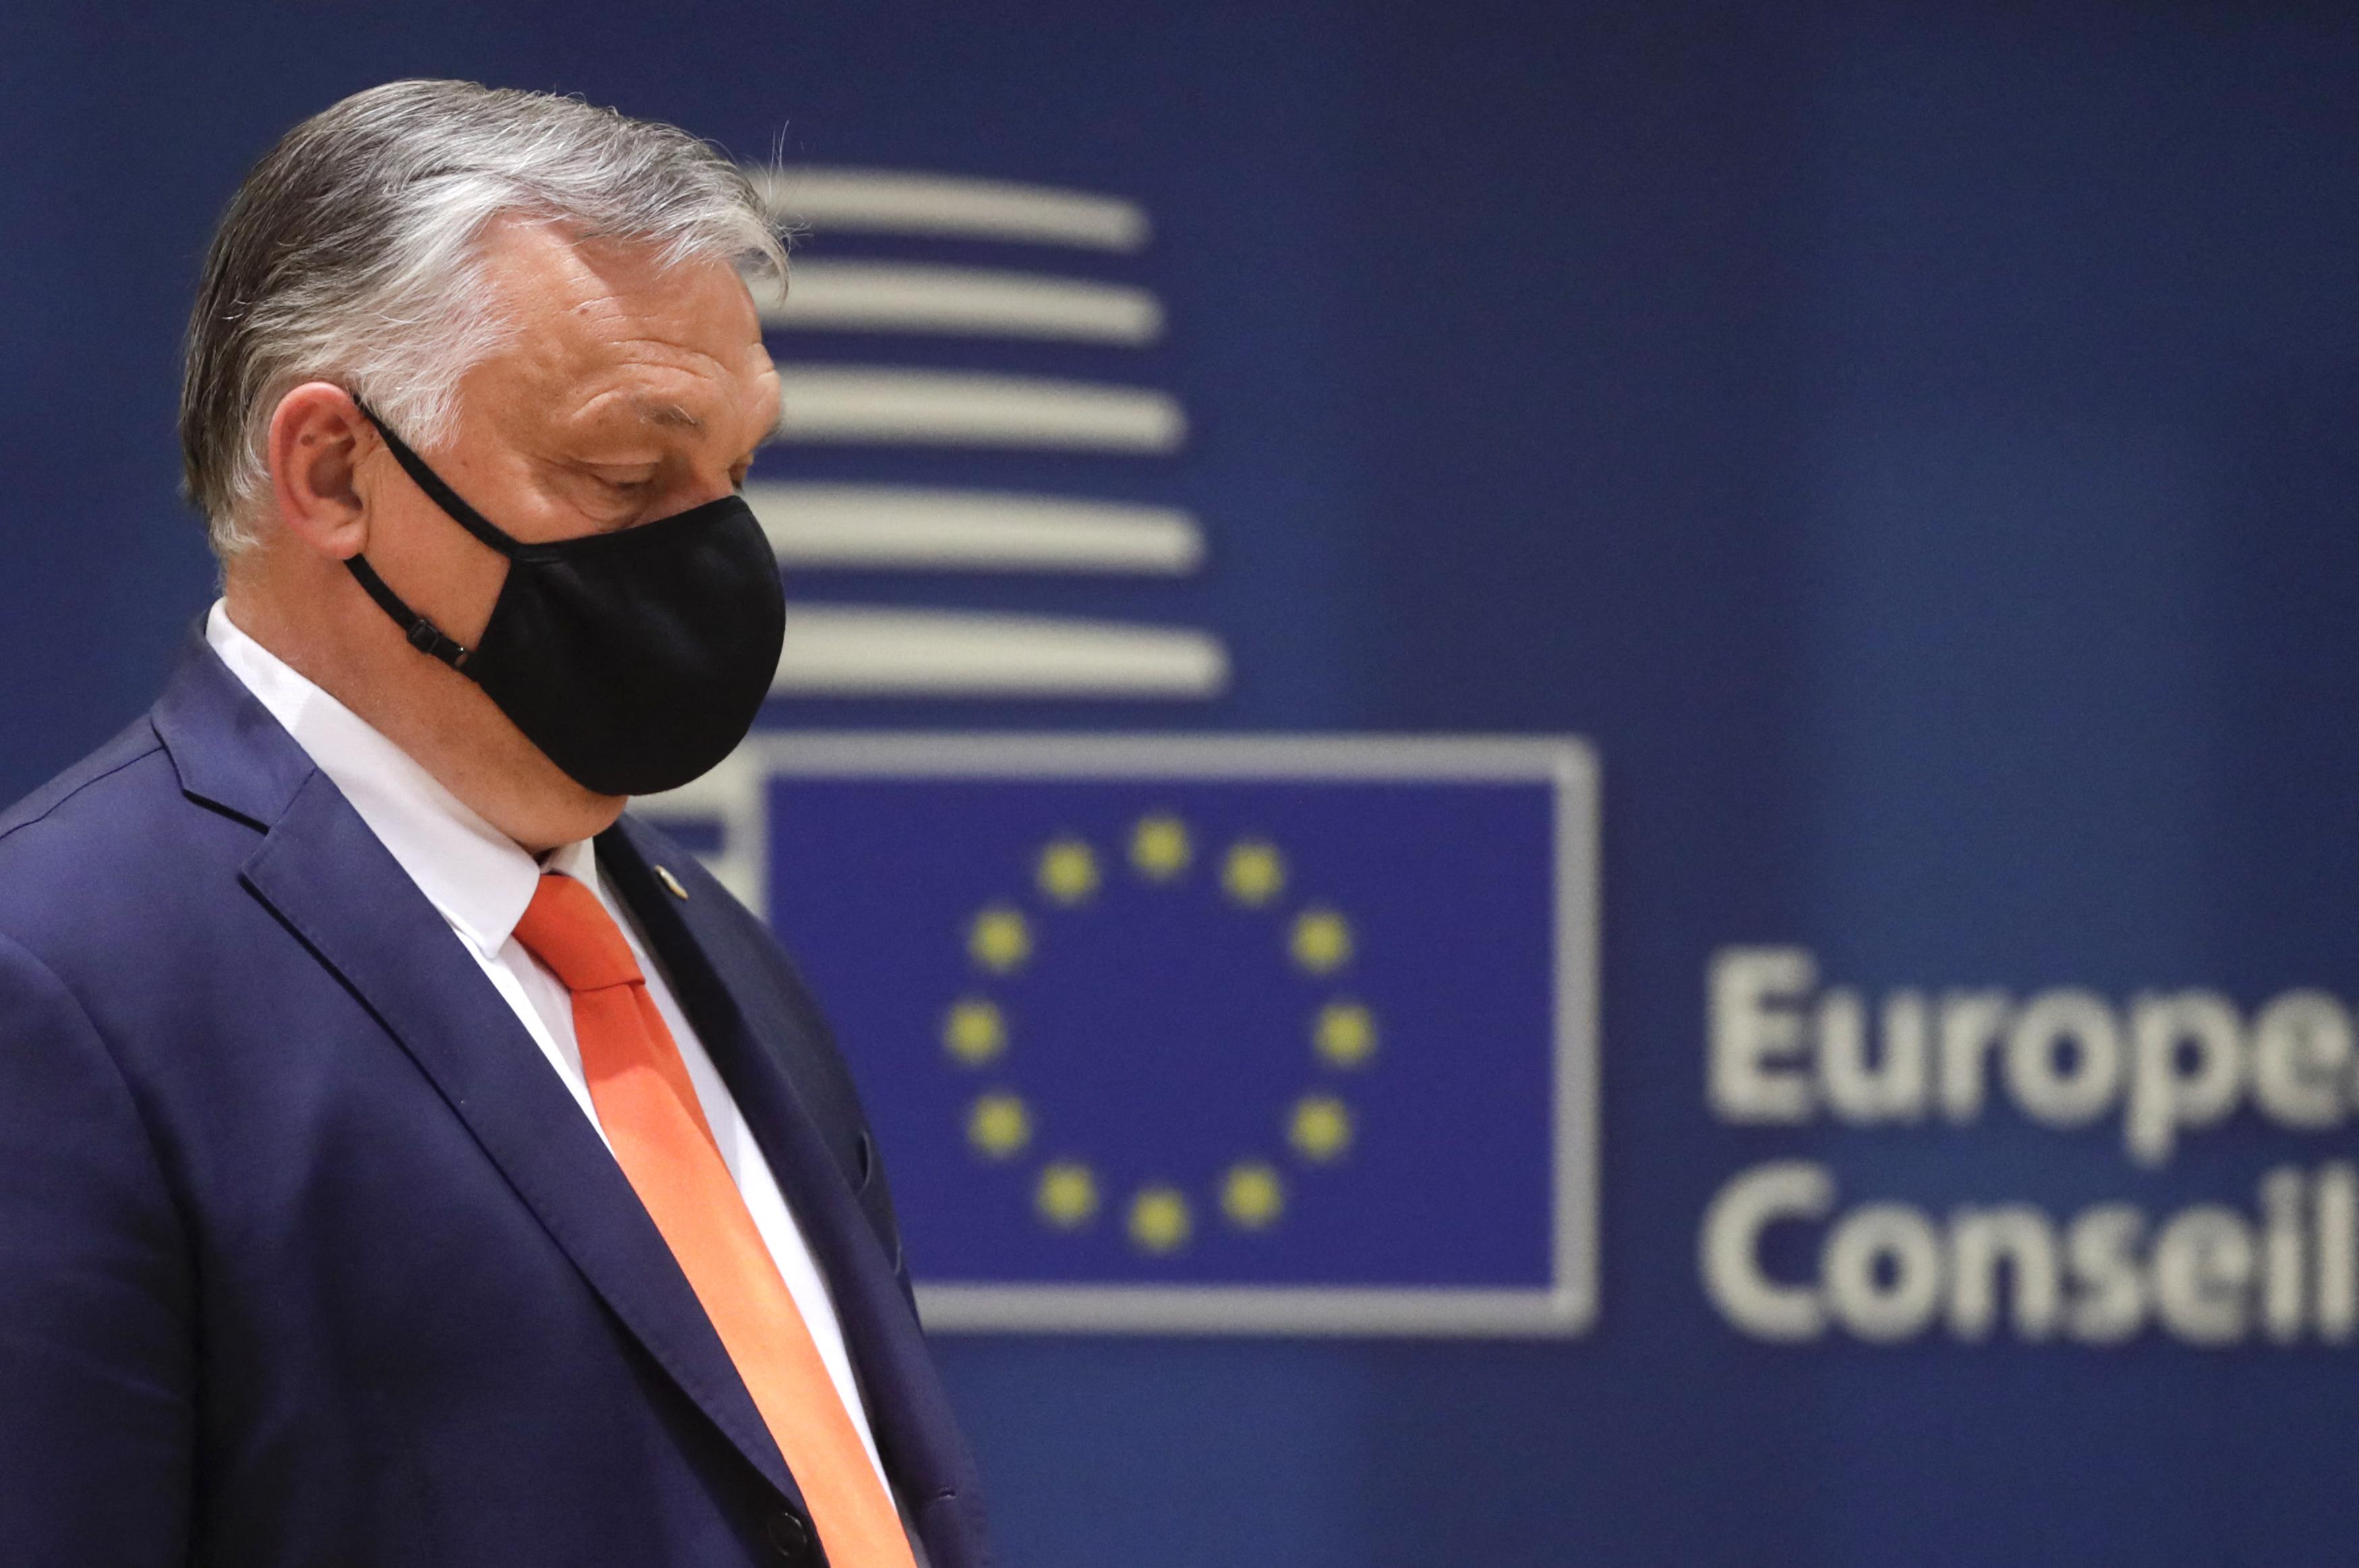 EP képviselők kérik Von der Leyent, hogy függessze fel az uniós pénzek magyarországi kifizetéseit